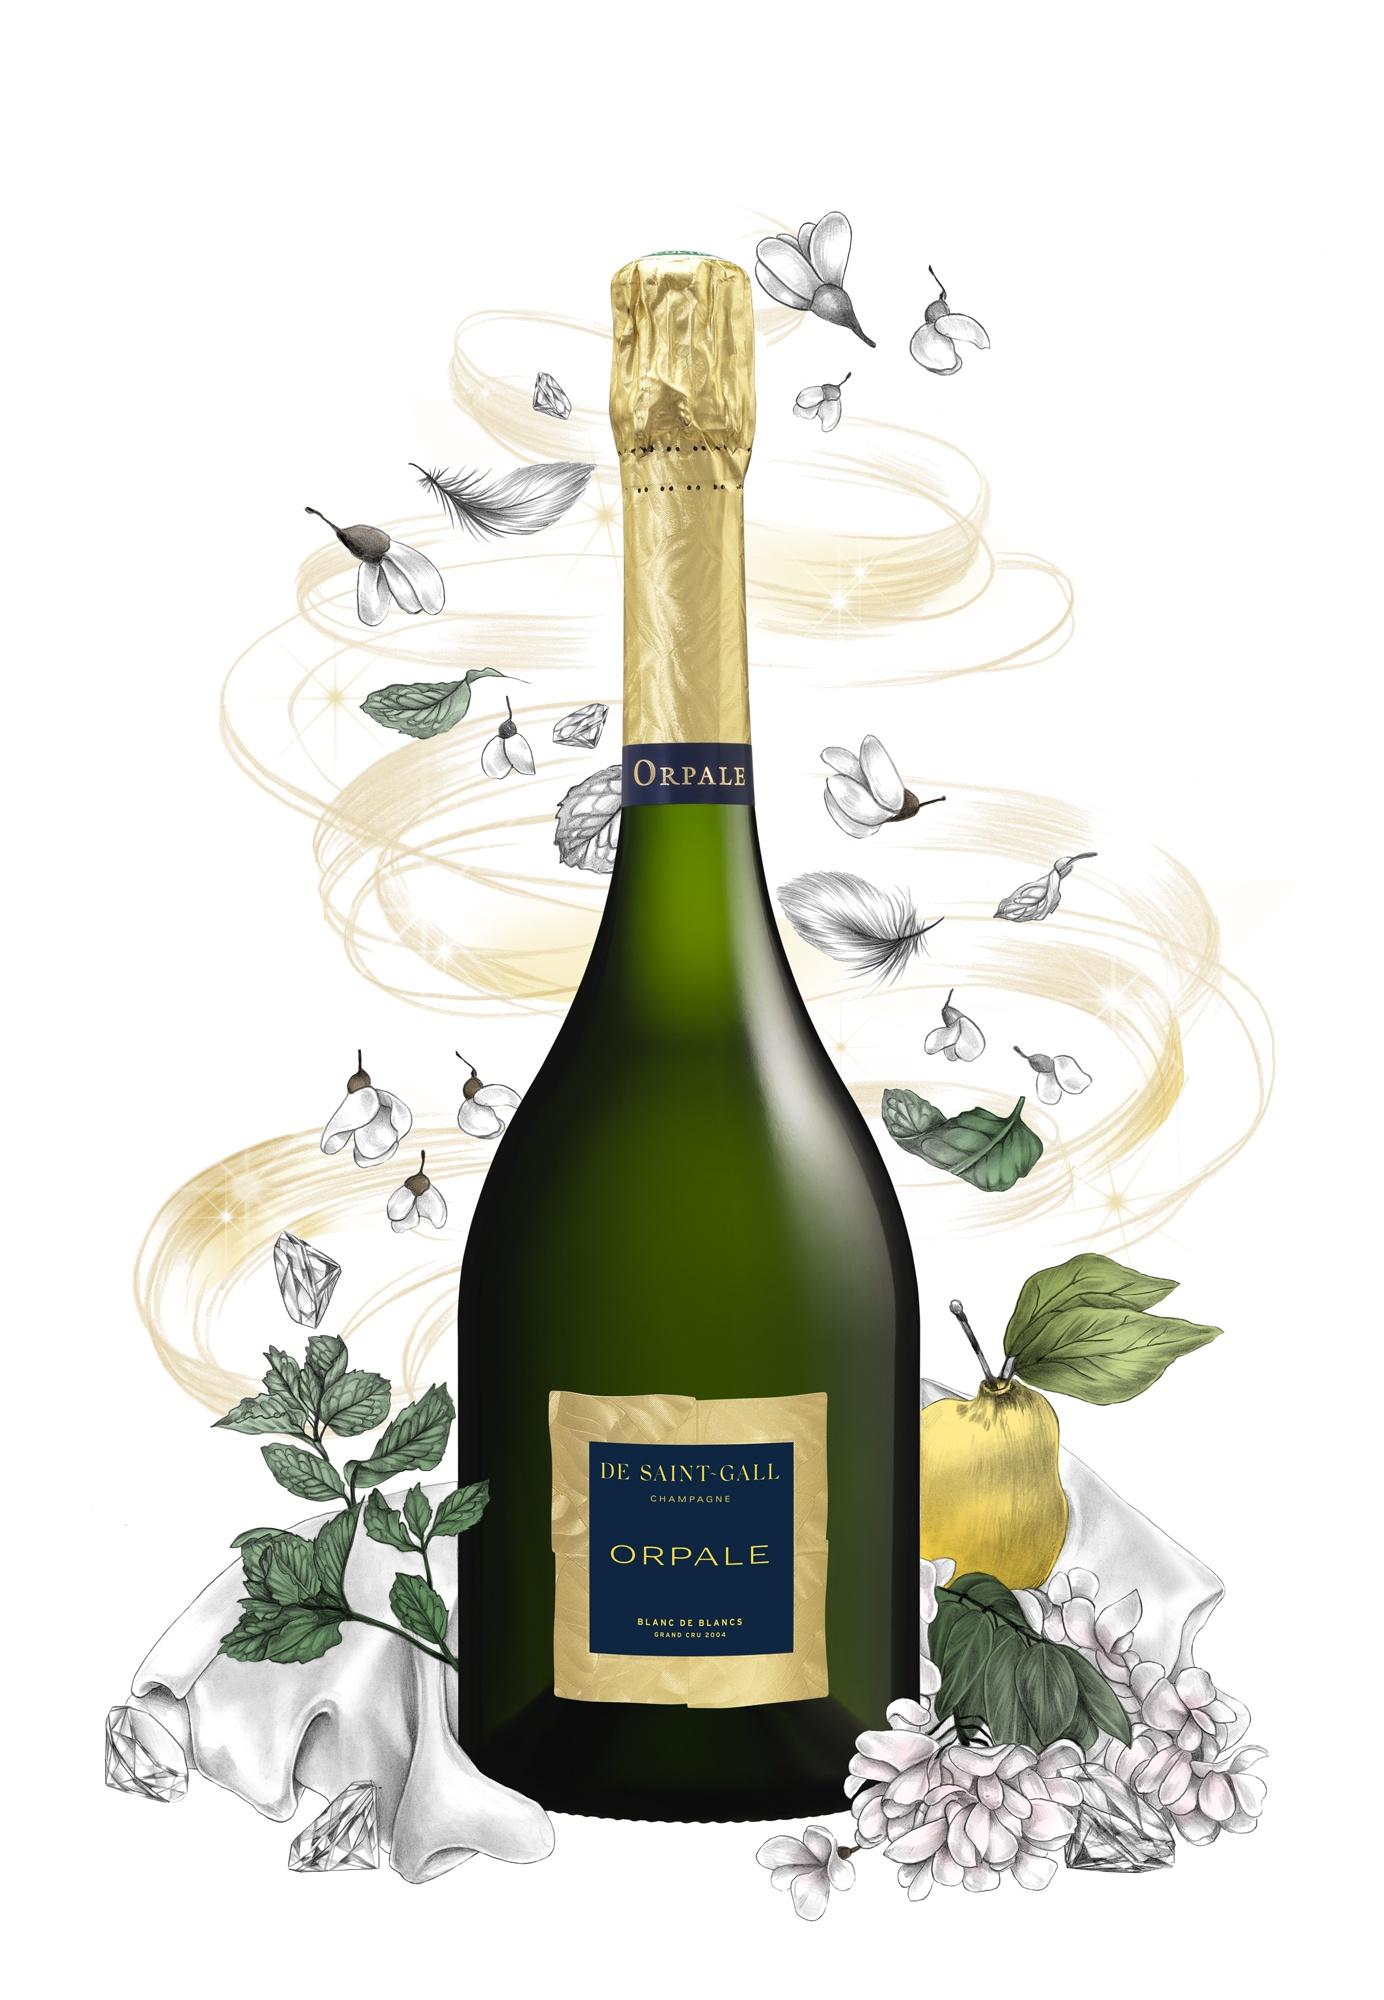 Champagne Millésime De Saint-Gall Orpale